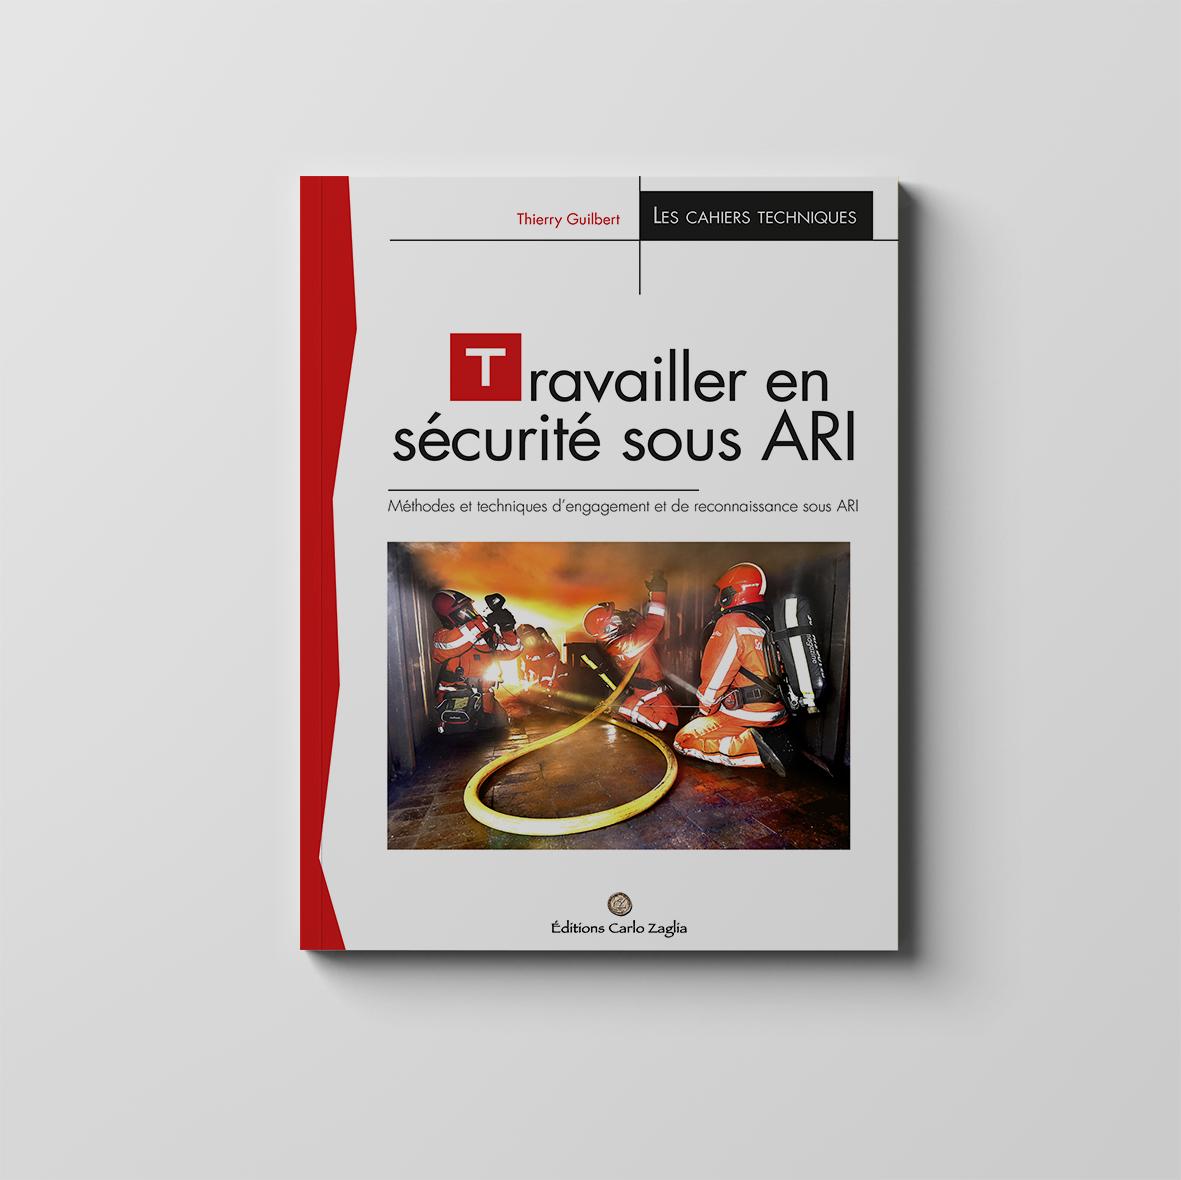 Travailler en sécurité sous ARI